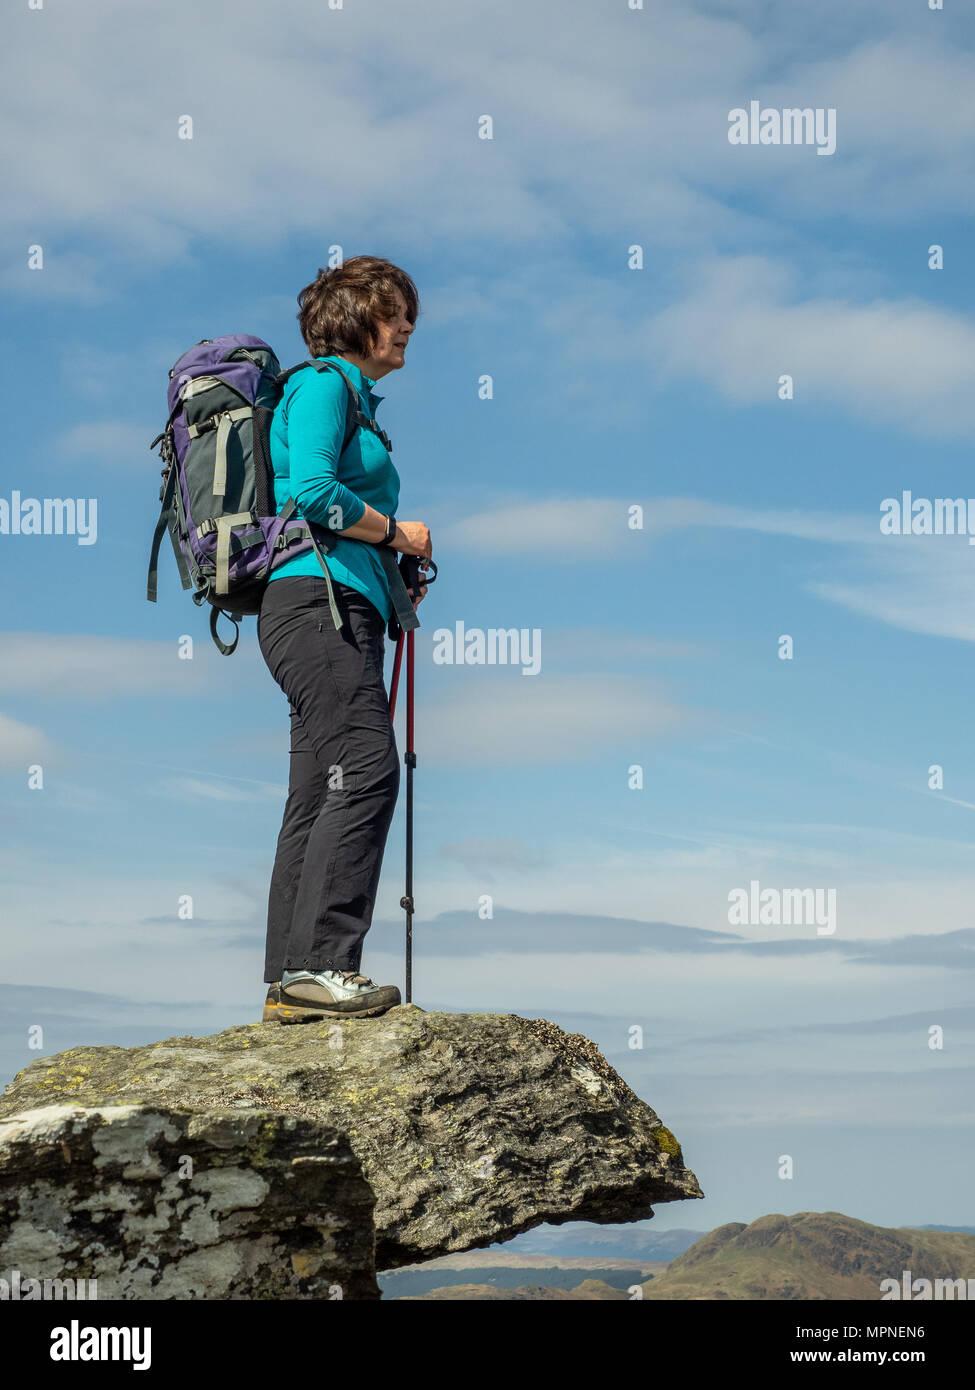 Una dama senior activo de pie sobre las rocas en la cima de una montaña en las Highlands escocesas en un cálido día de primavera Imagen De Stock